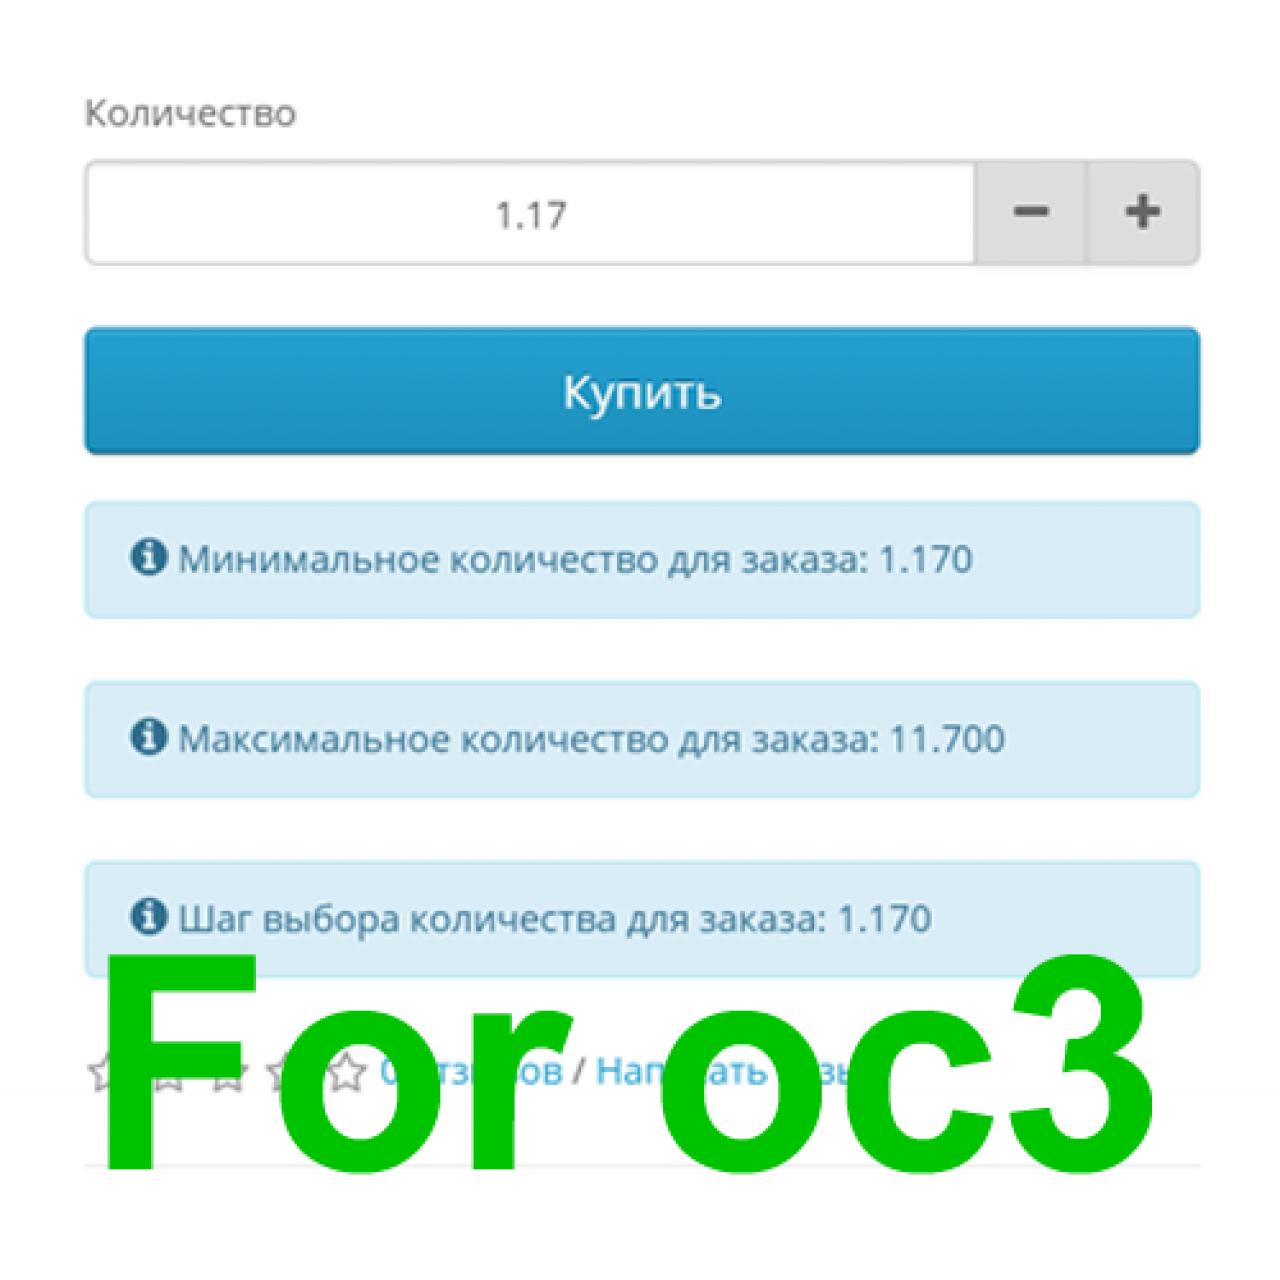 Товар партиями в корзину и дробное количество OpenCart 3 из категории Заказ, корзина для CMS OpenCart (ОпенКарт)